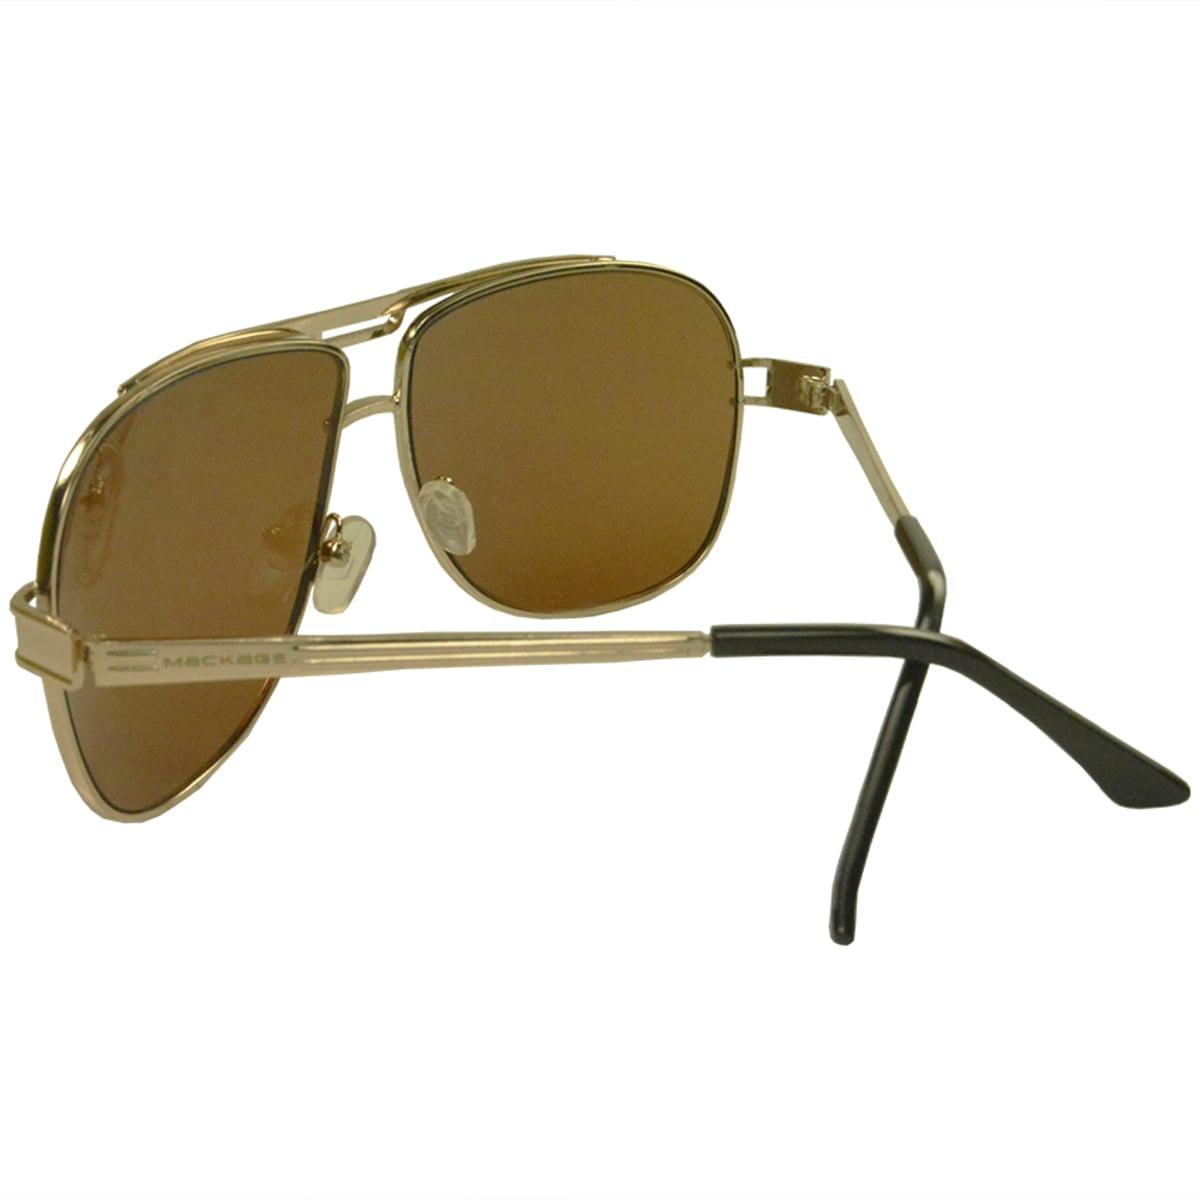 Óculos de Sol Mackage MK2180M Drouado Marrom